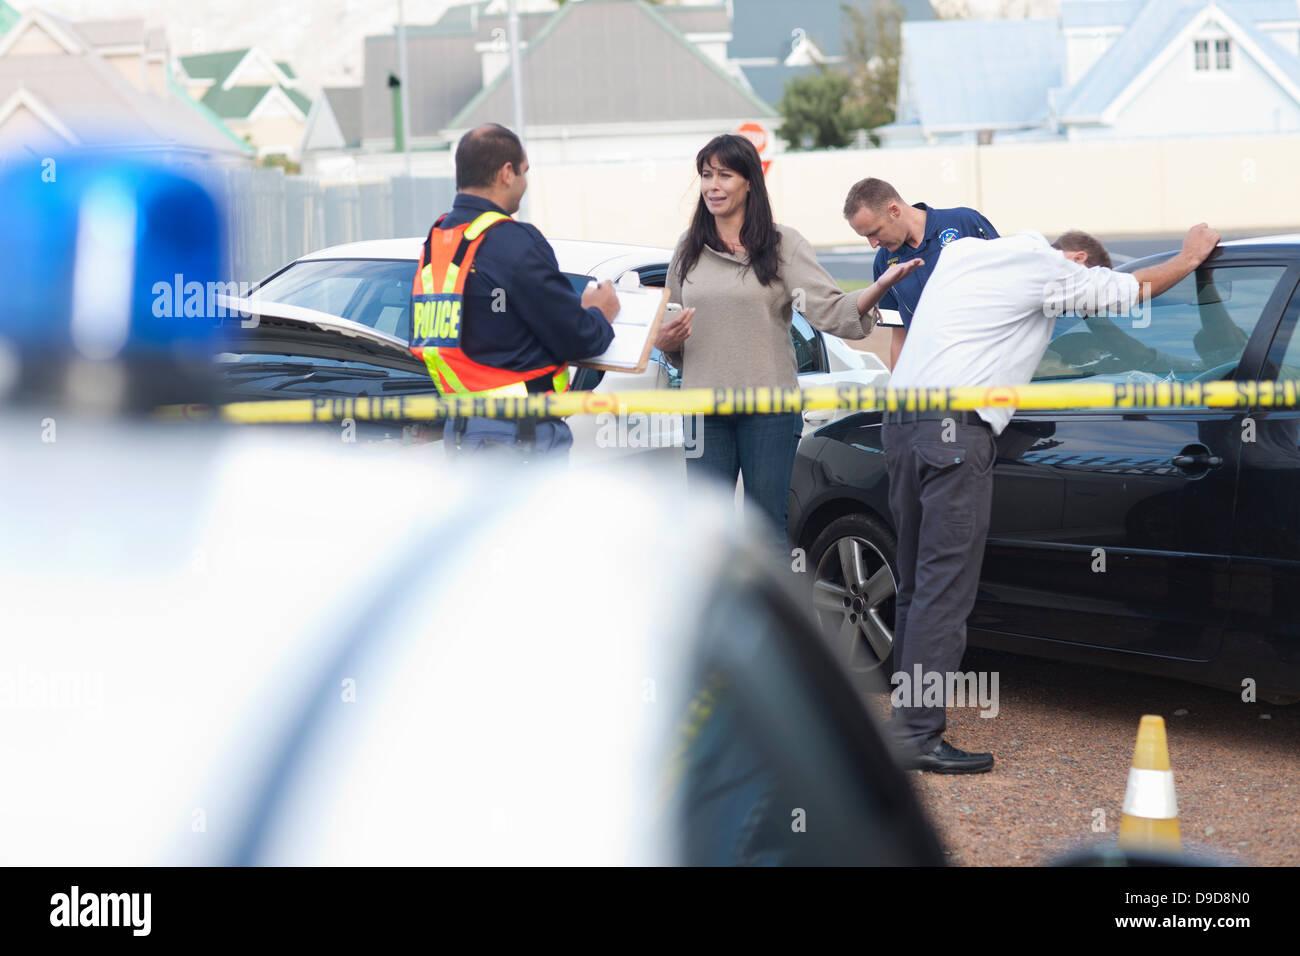 Blick auf Auto-Unfall-Szene von Taschenlampen auf Polizeiauto ...